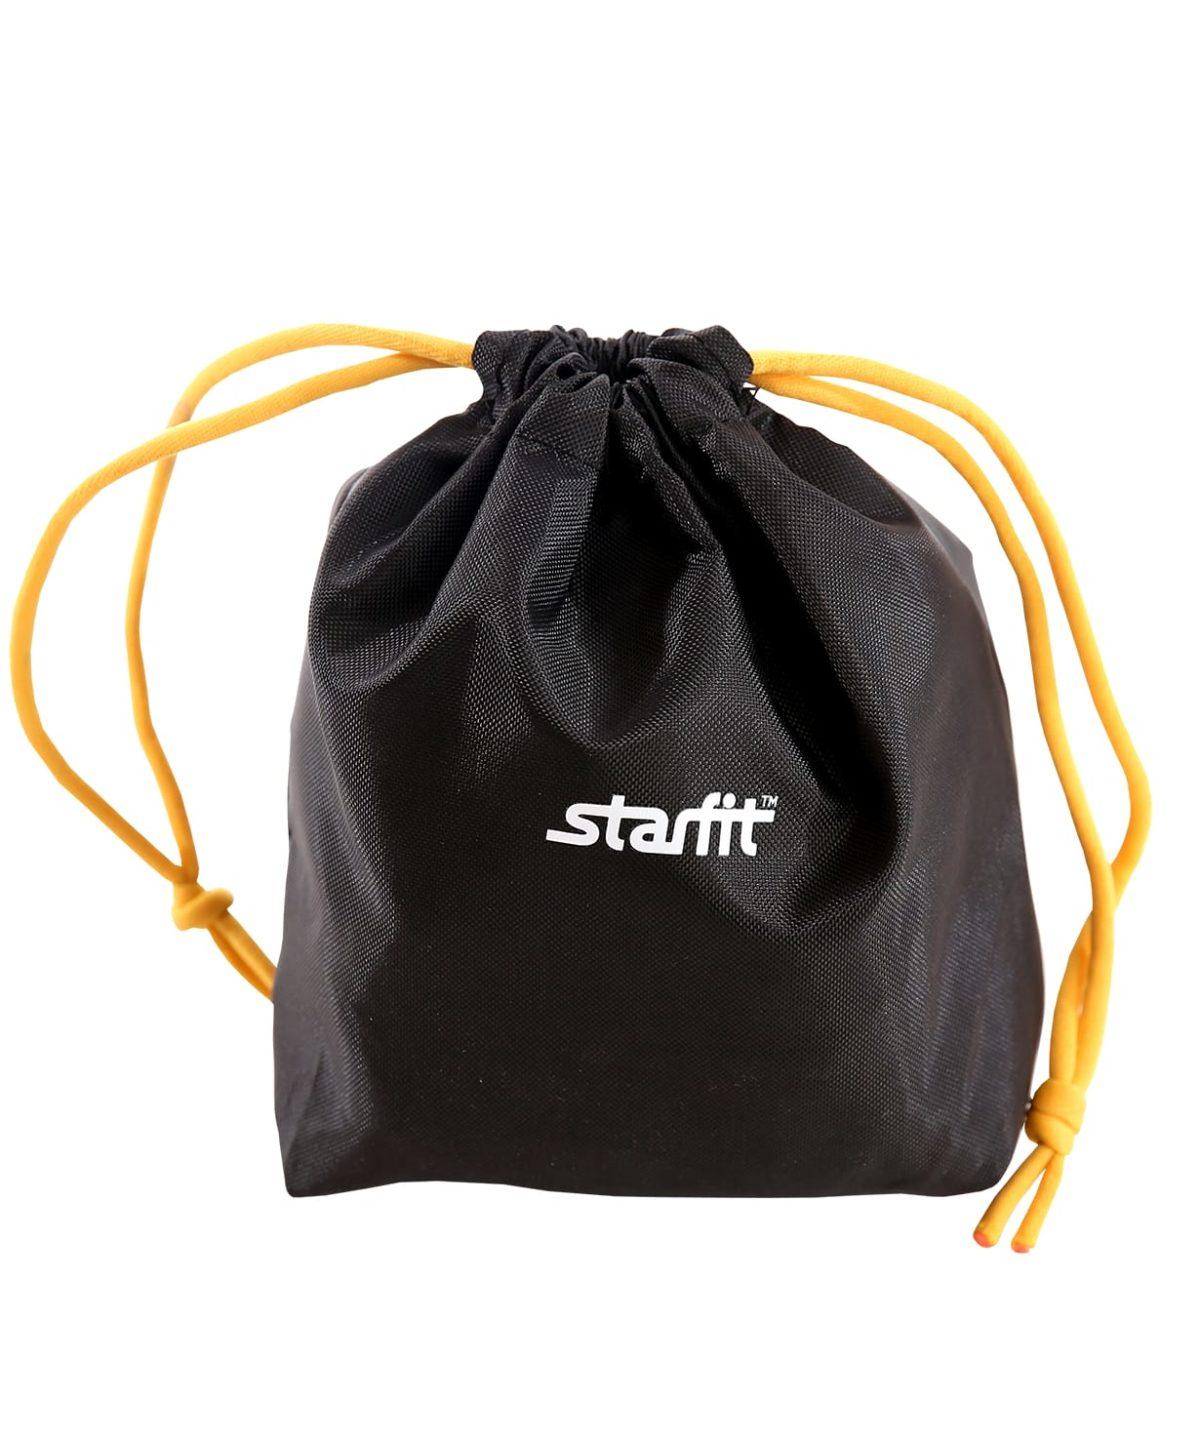 STARFIT Утяжелители  0.5 кг, желтый WT-401 - 4